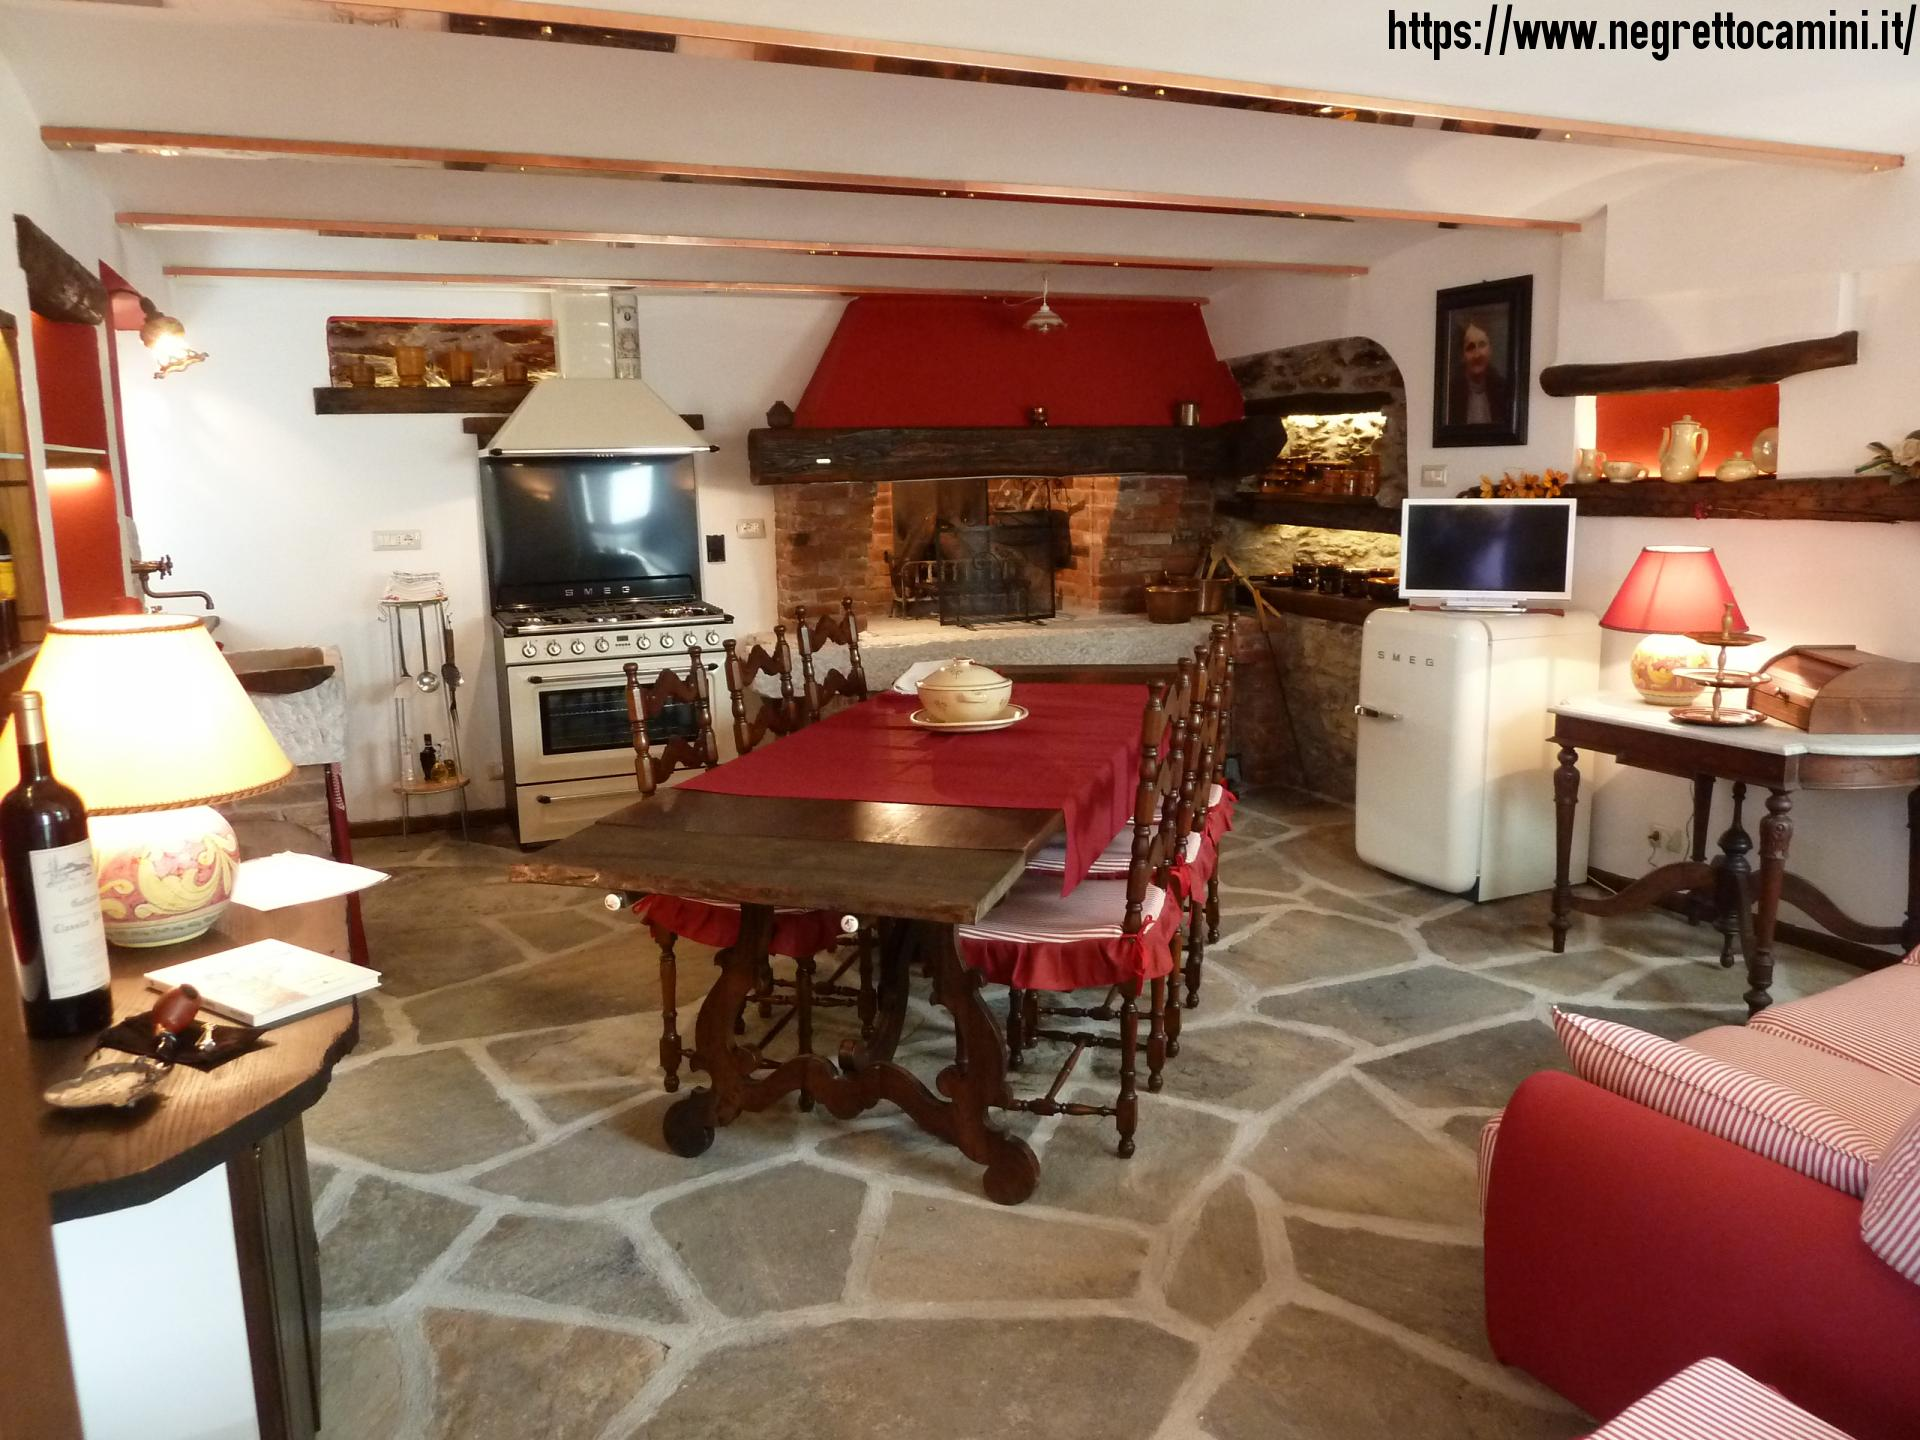 Camino rustico da taverna con secchiaio in marmo - Cucina per taverna ...